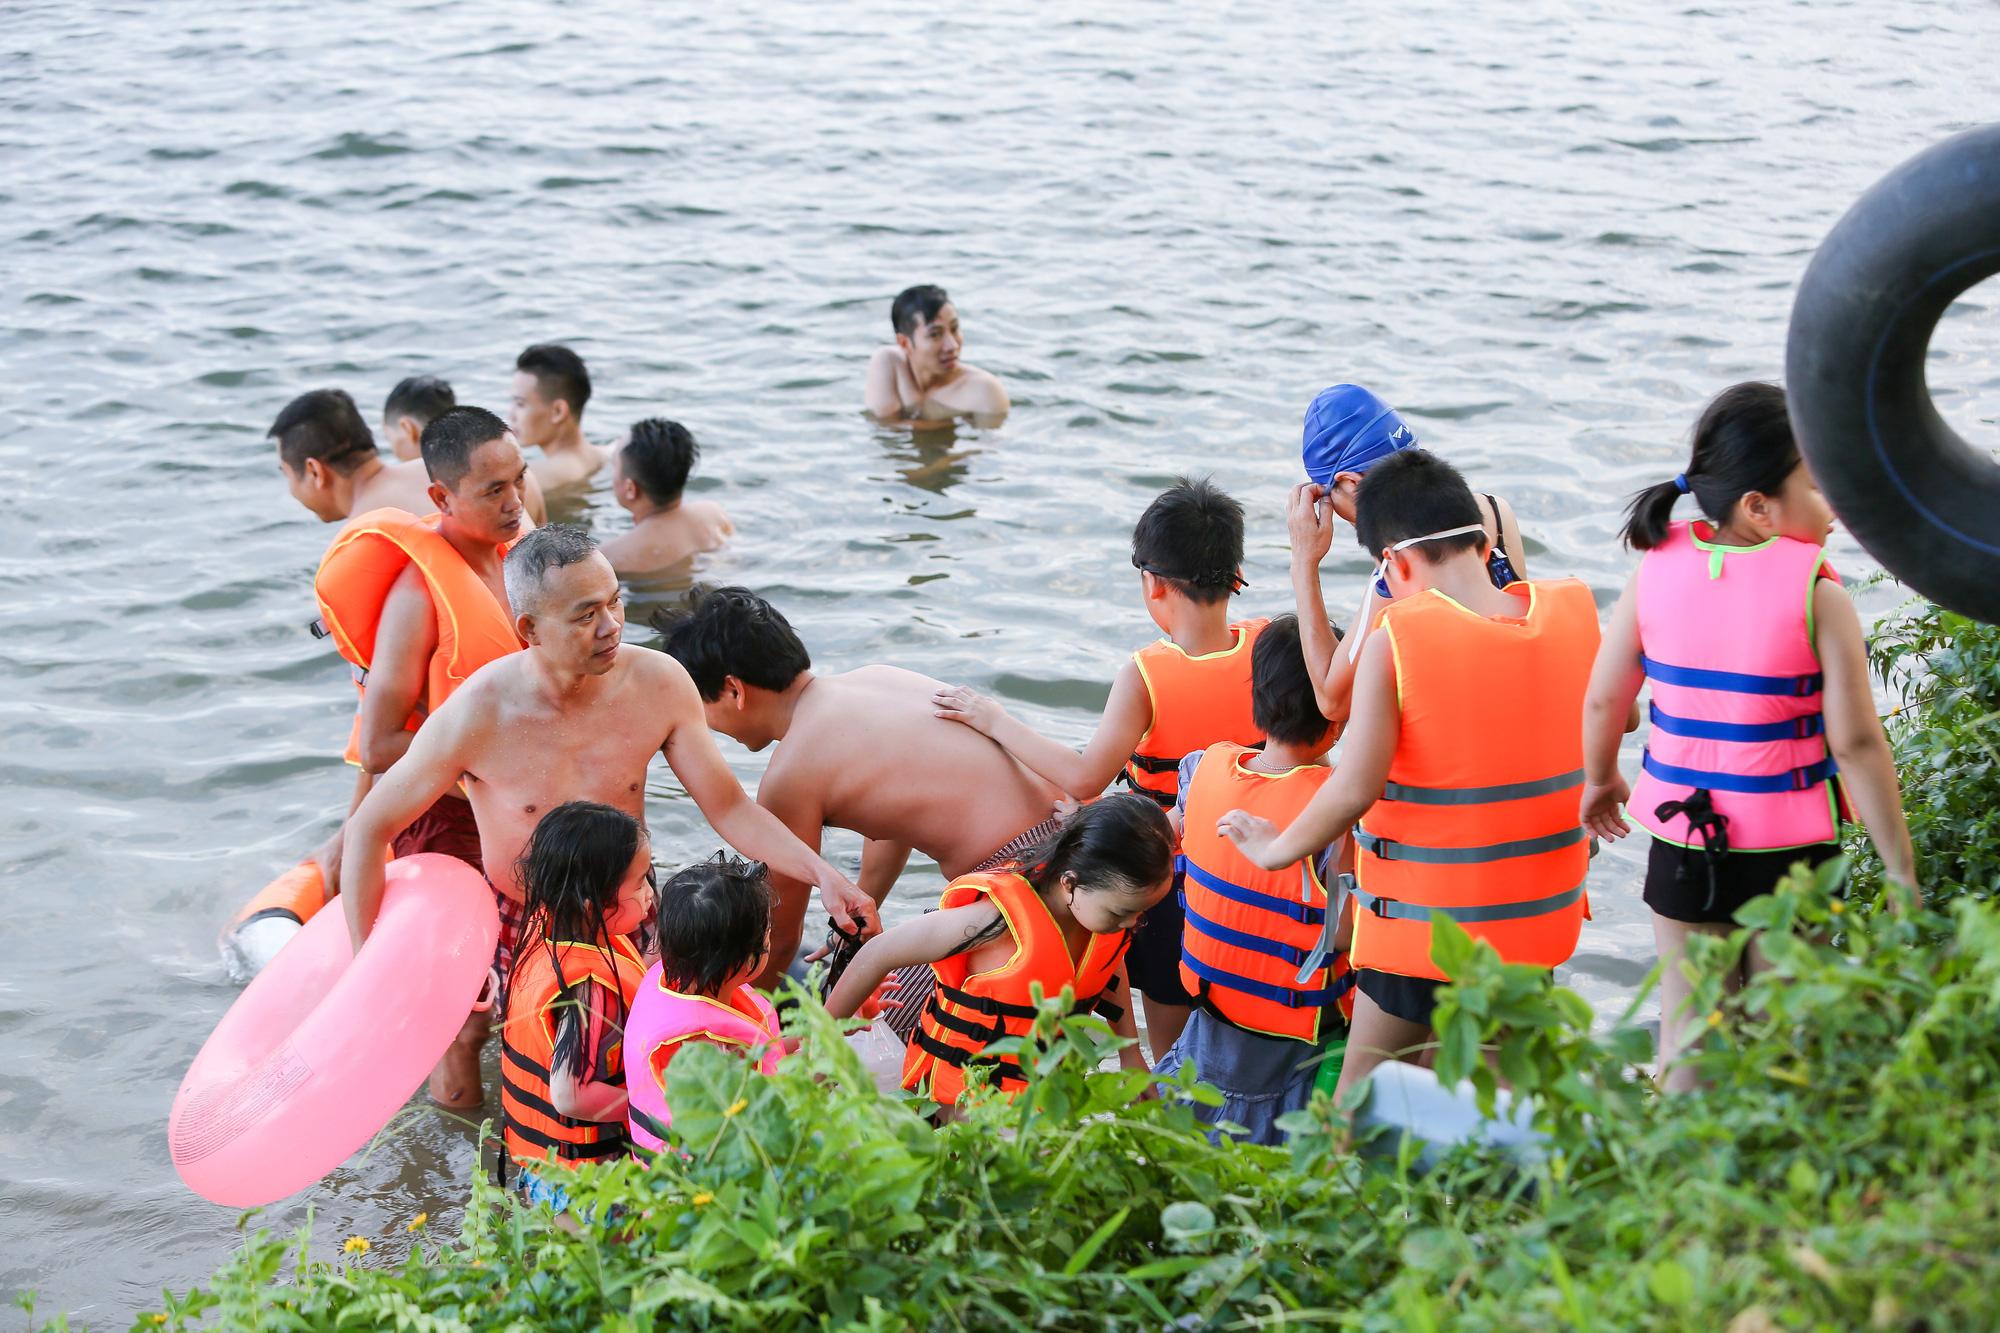 Residents swim in Huong (Perfume) River in Thua Thien - Hue Province, Vietnam despite COVID-19. Photo: Phuoc Tuan / Tuoi Tre